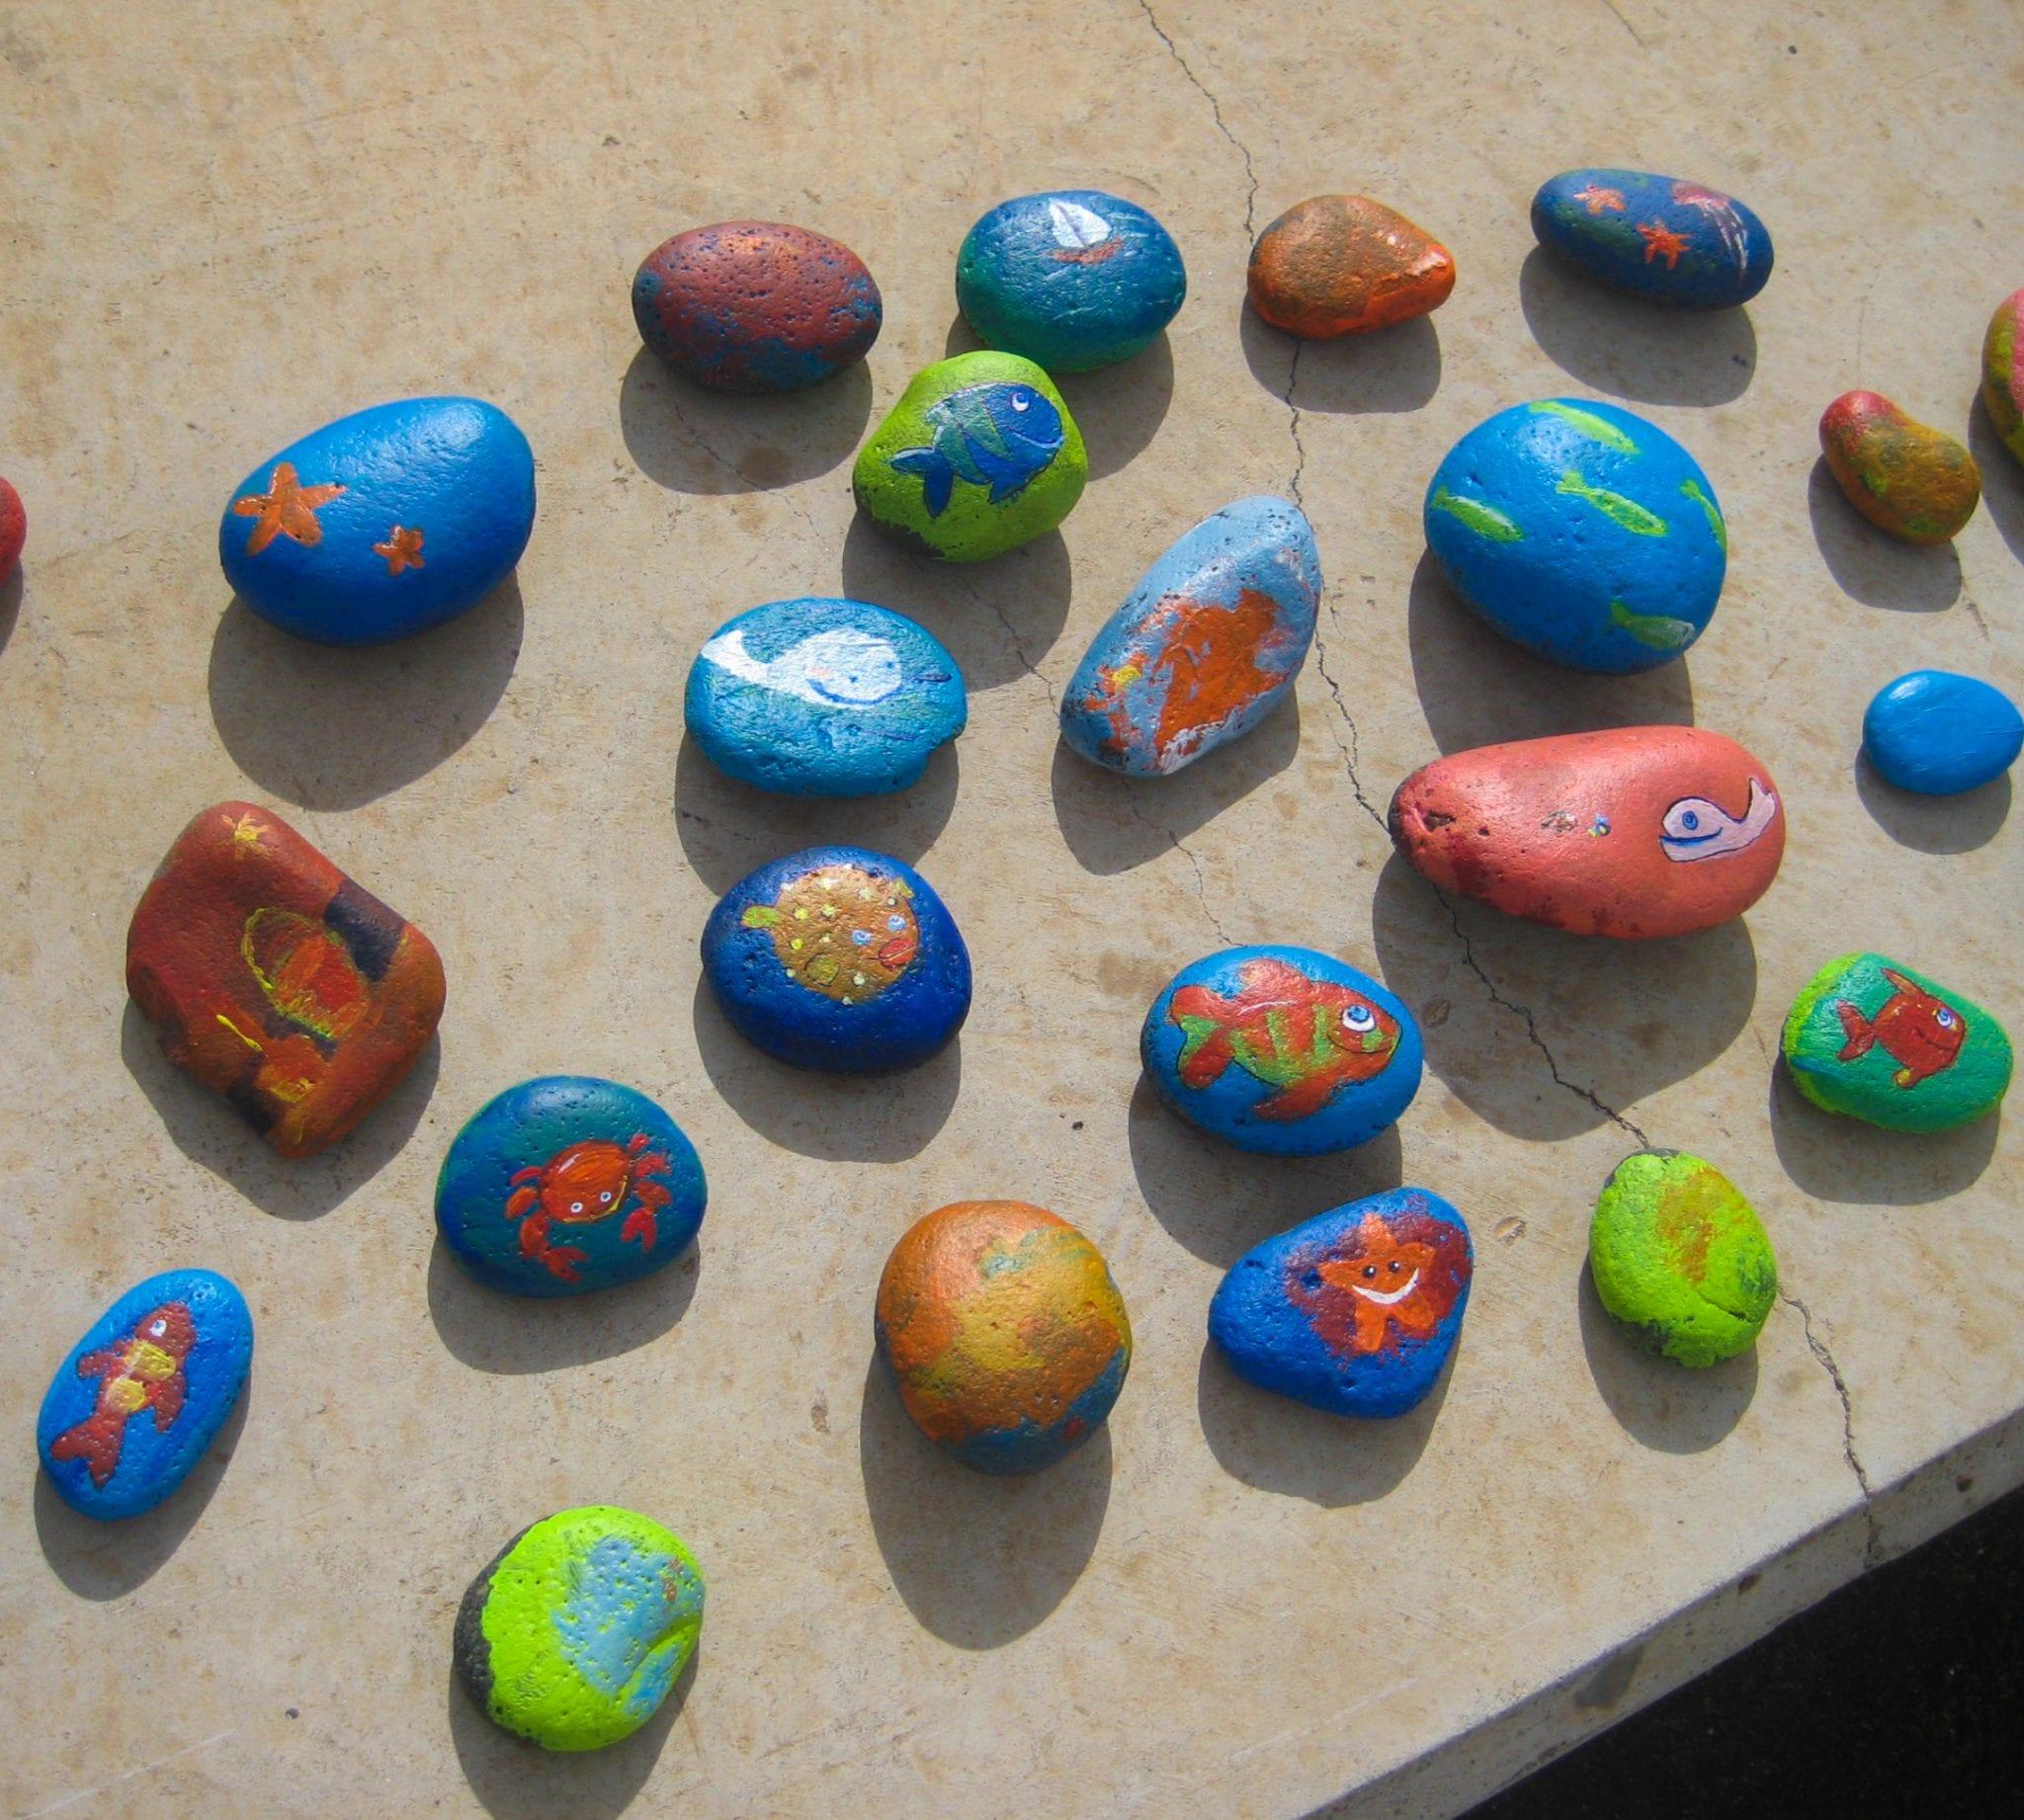 Atividade de Verão - Pintar pedras